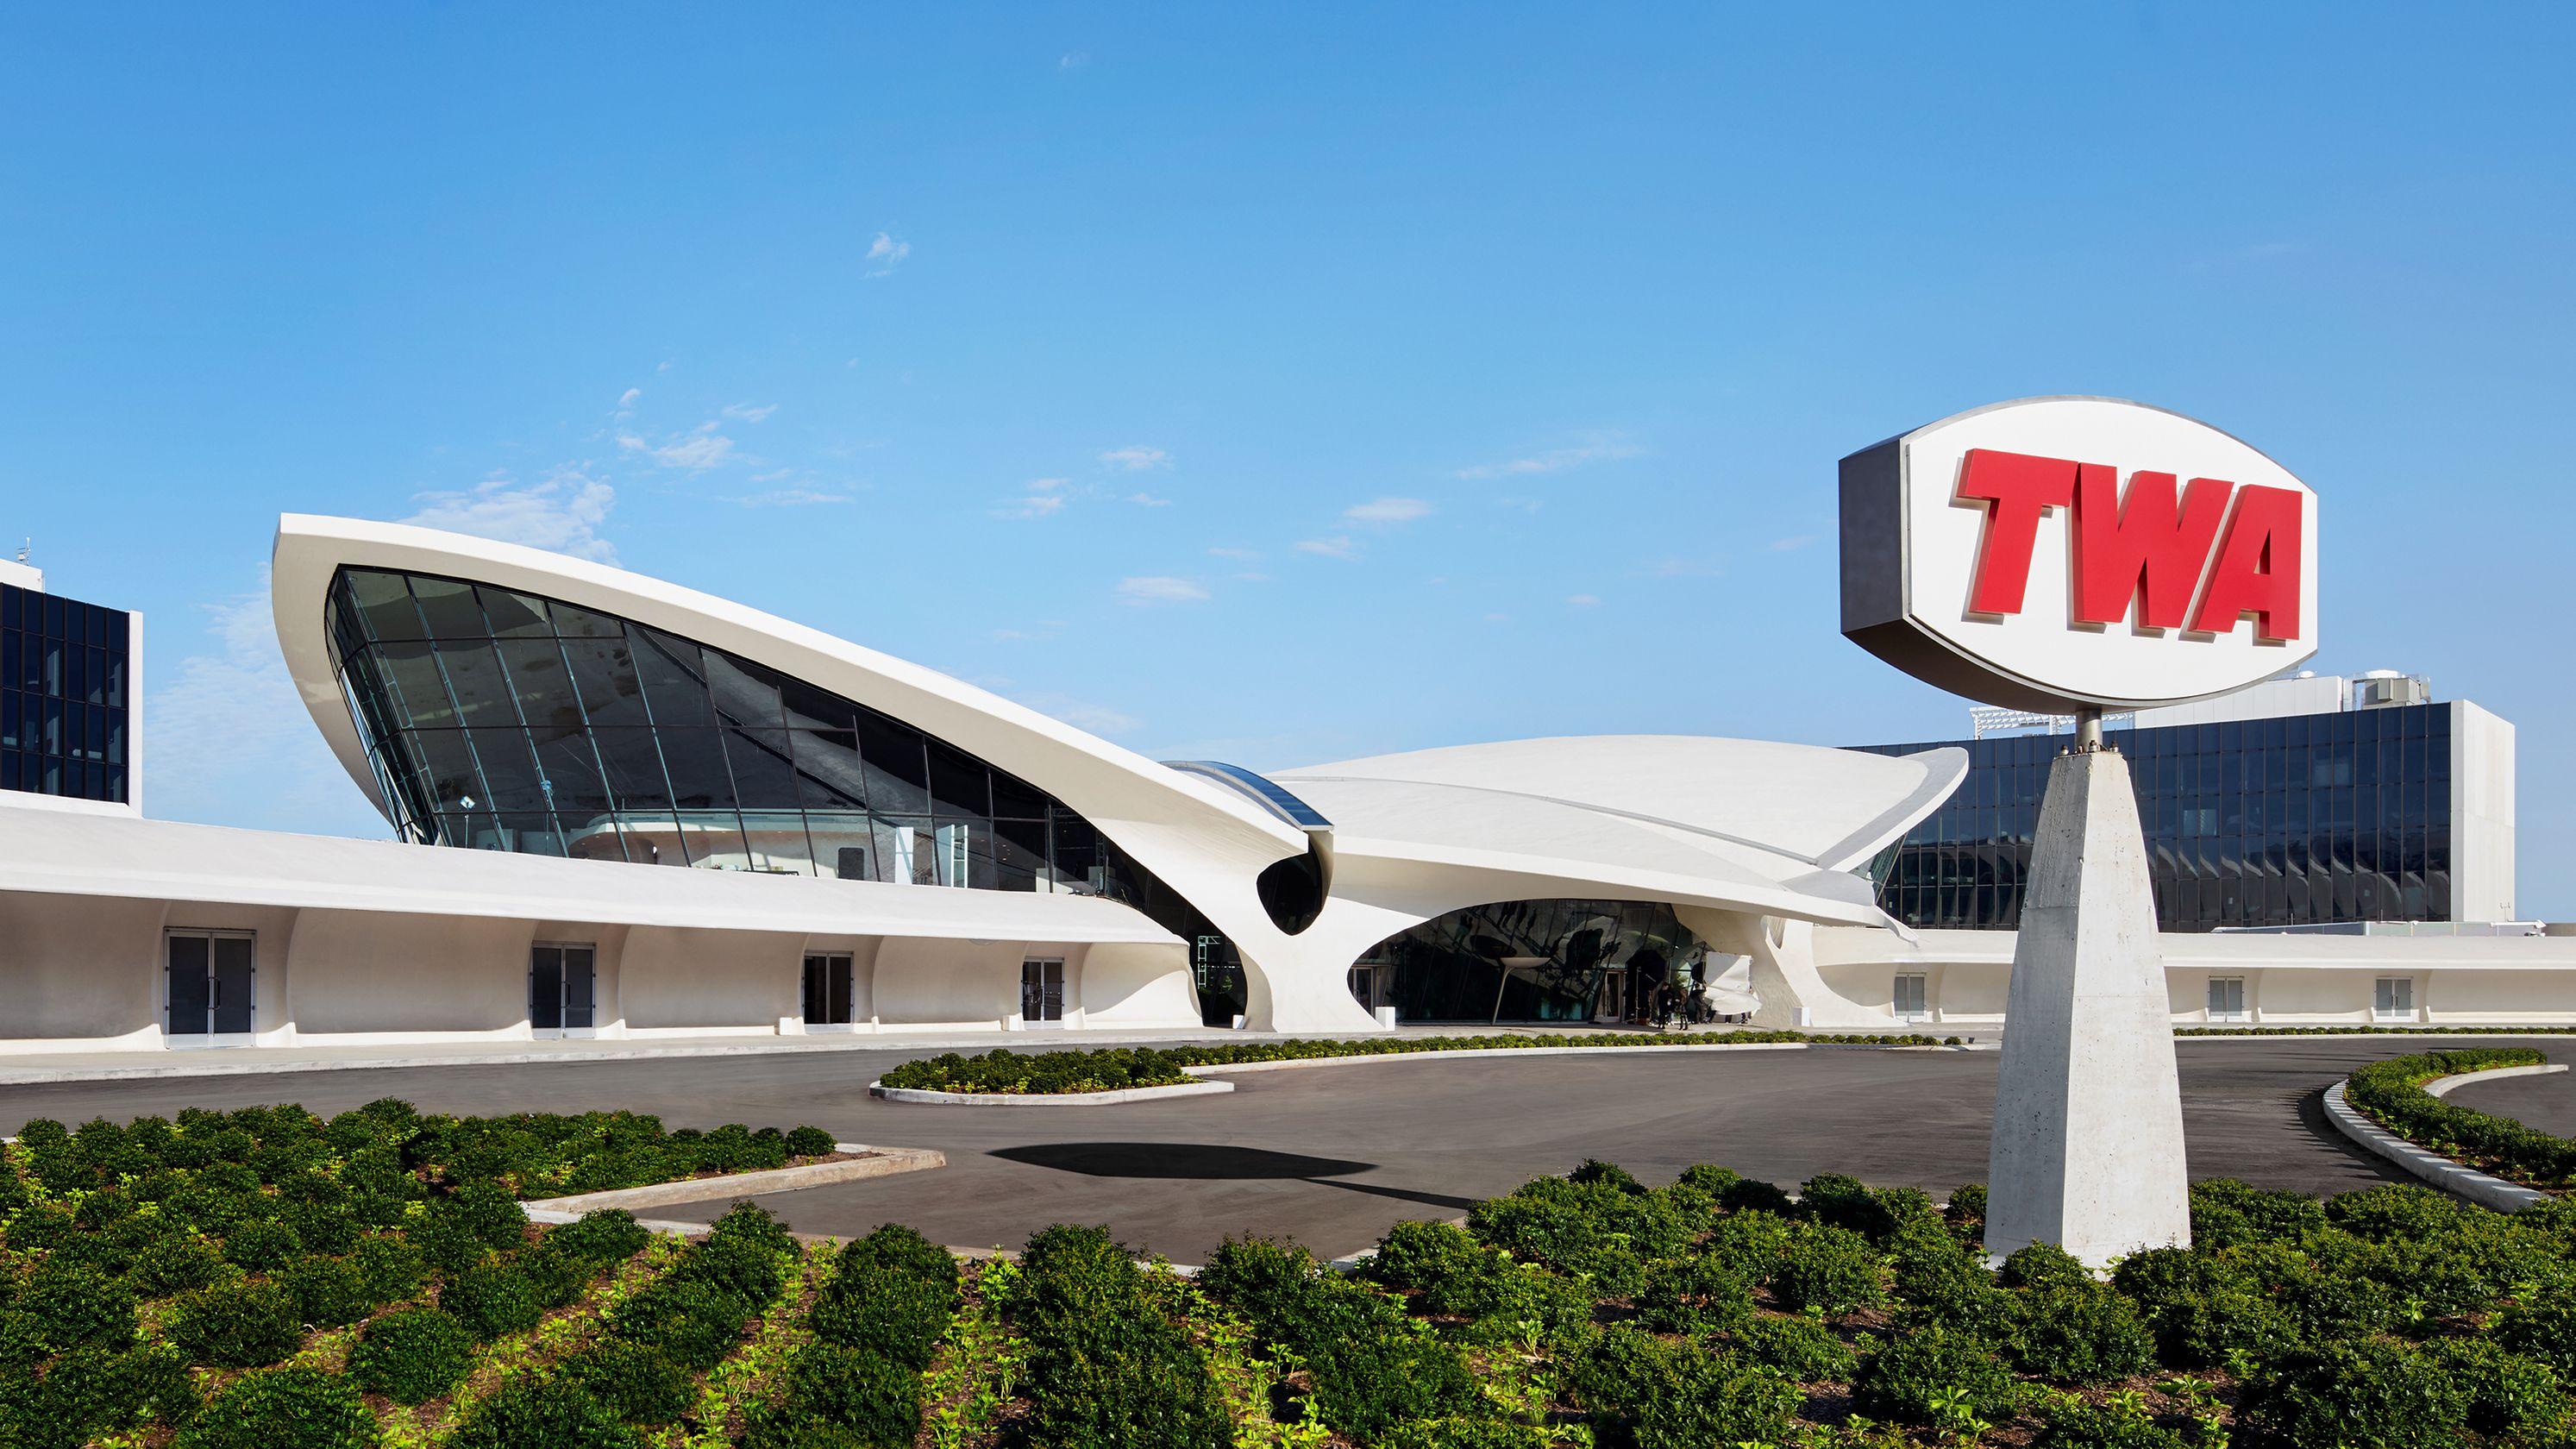 hotel twa - JFK Airport - Sneakers MAgazine